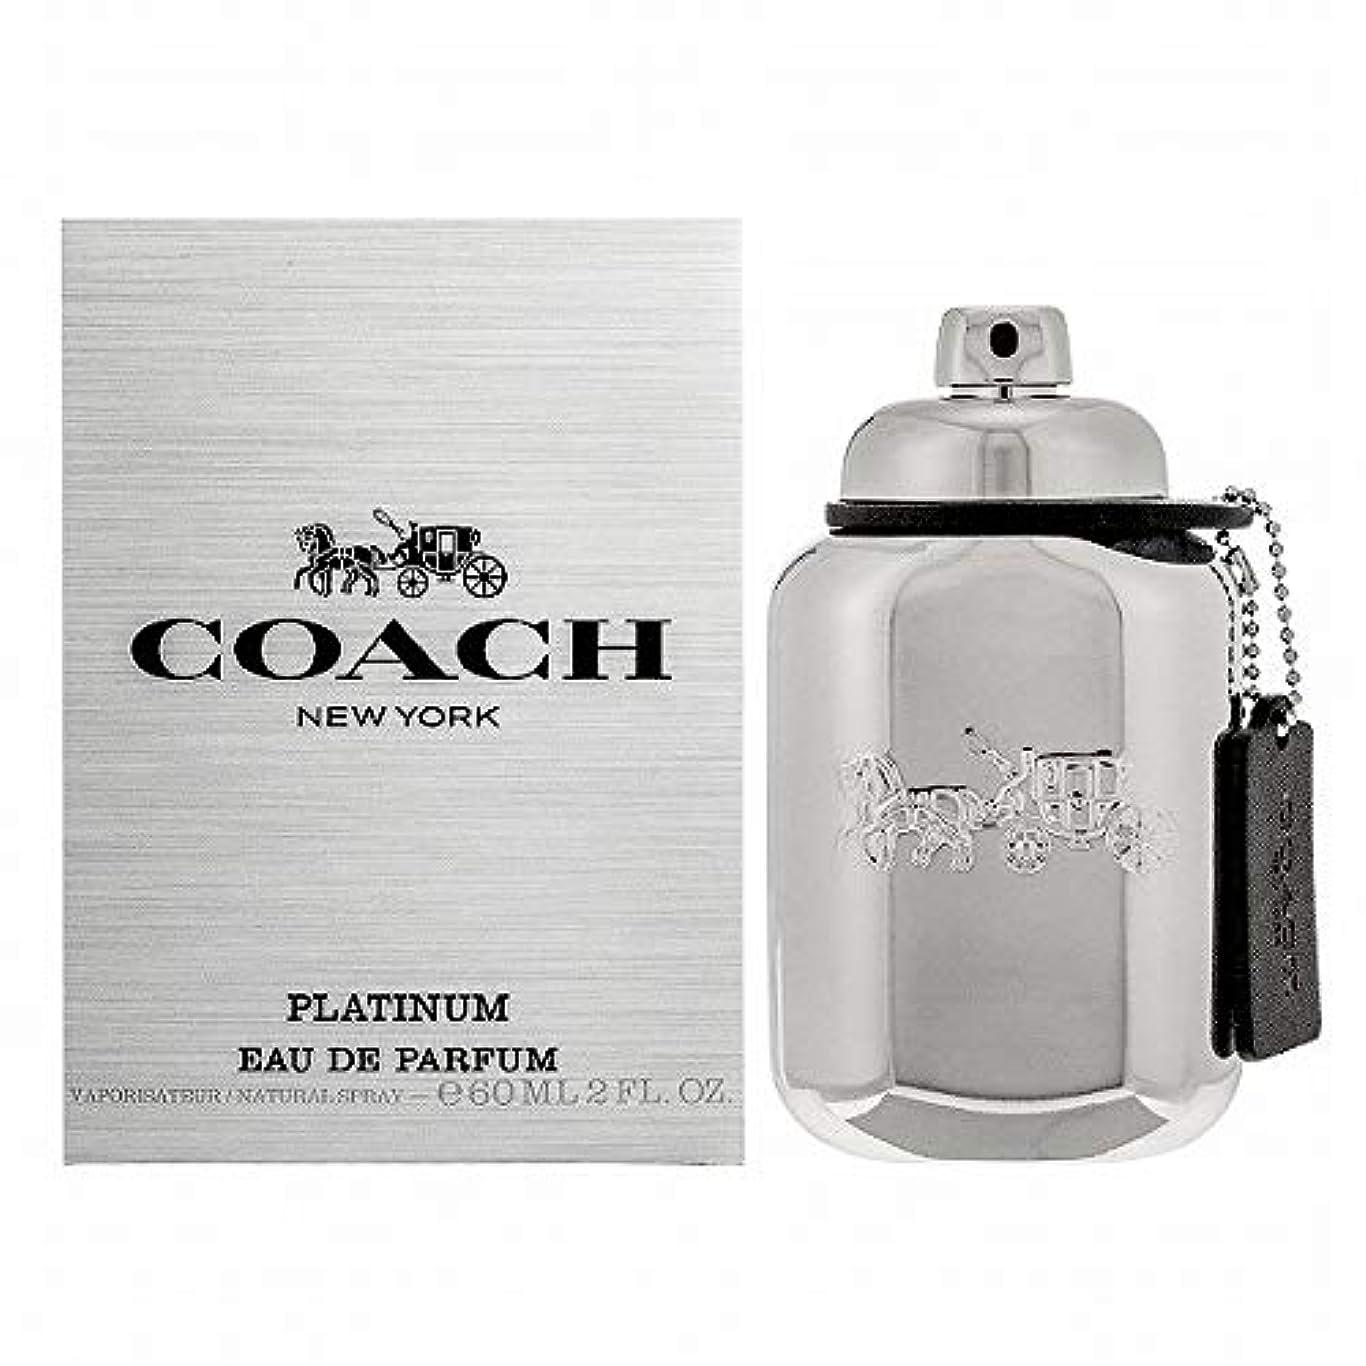 出します科学的意志コーチ 香水 CO-MANPLAEPSP-60 マン プラチナム オードパルファム 60ml【メンズ】 [並行輸入品]